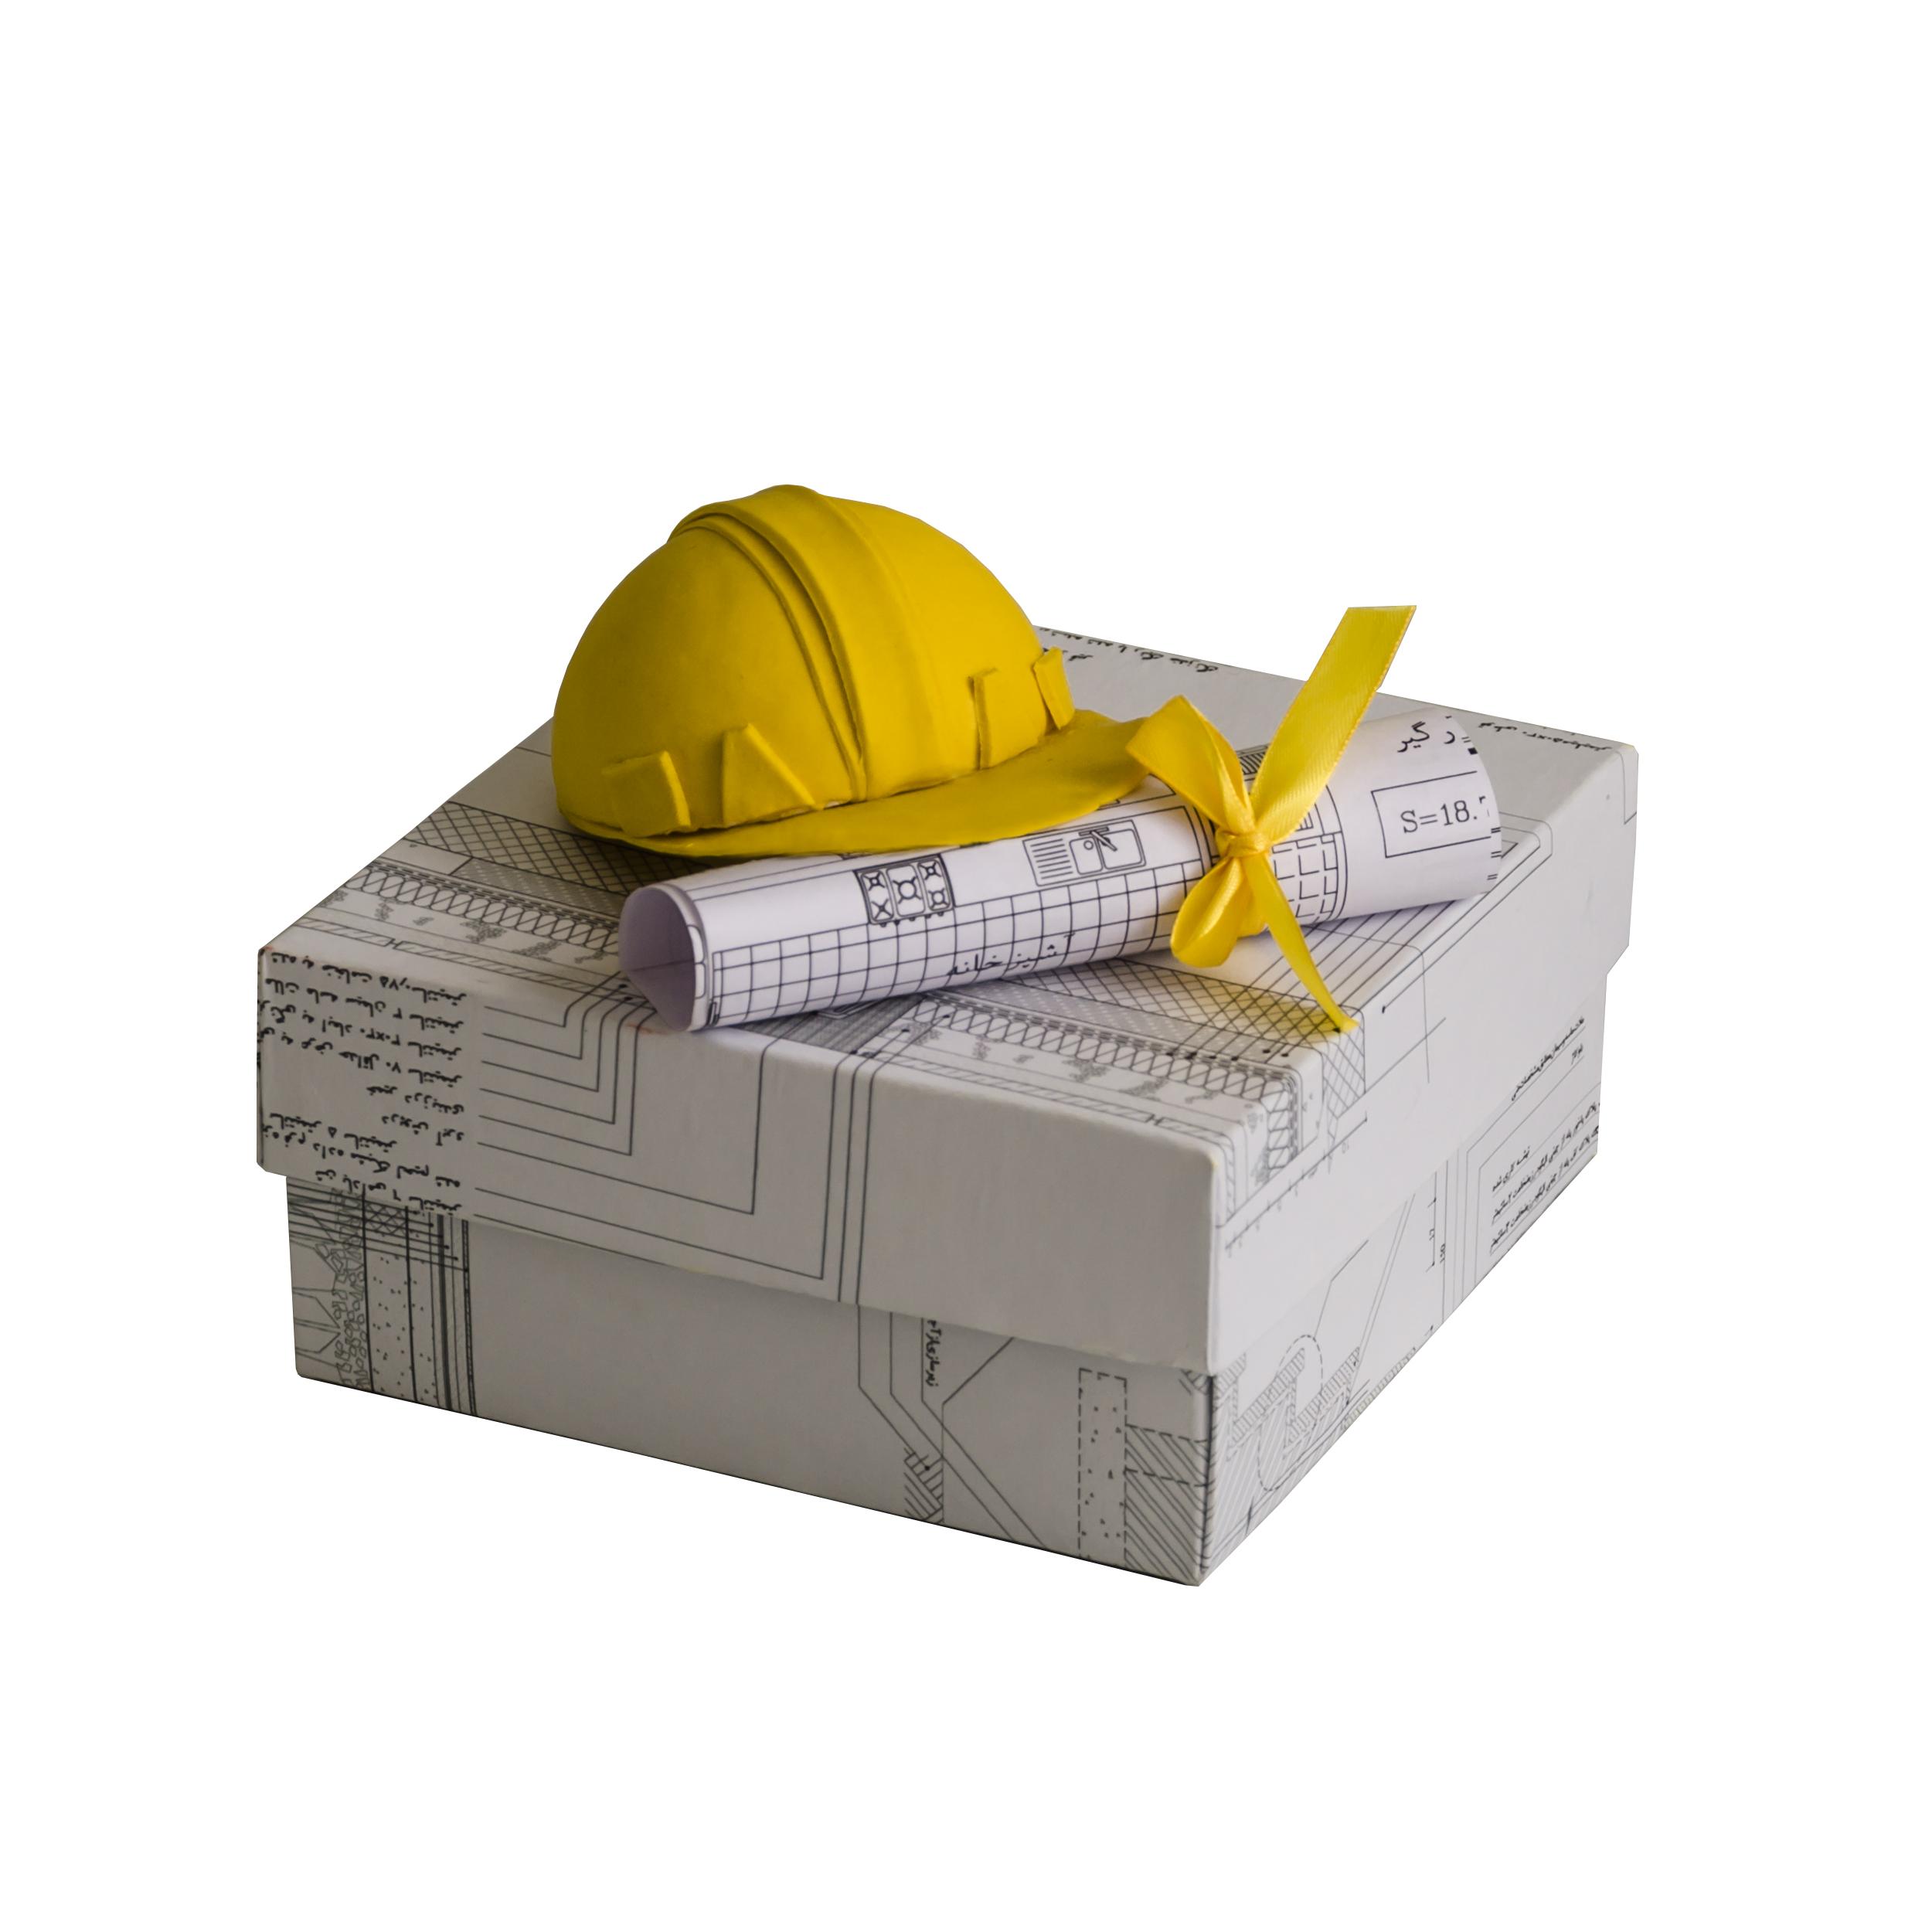 خرید                      جعبه هدیه جعبه های رنگی رنگی توپک طرح مهندسی کد-001